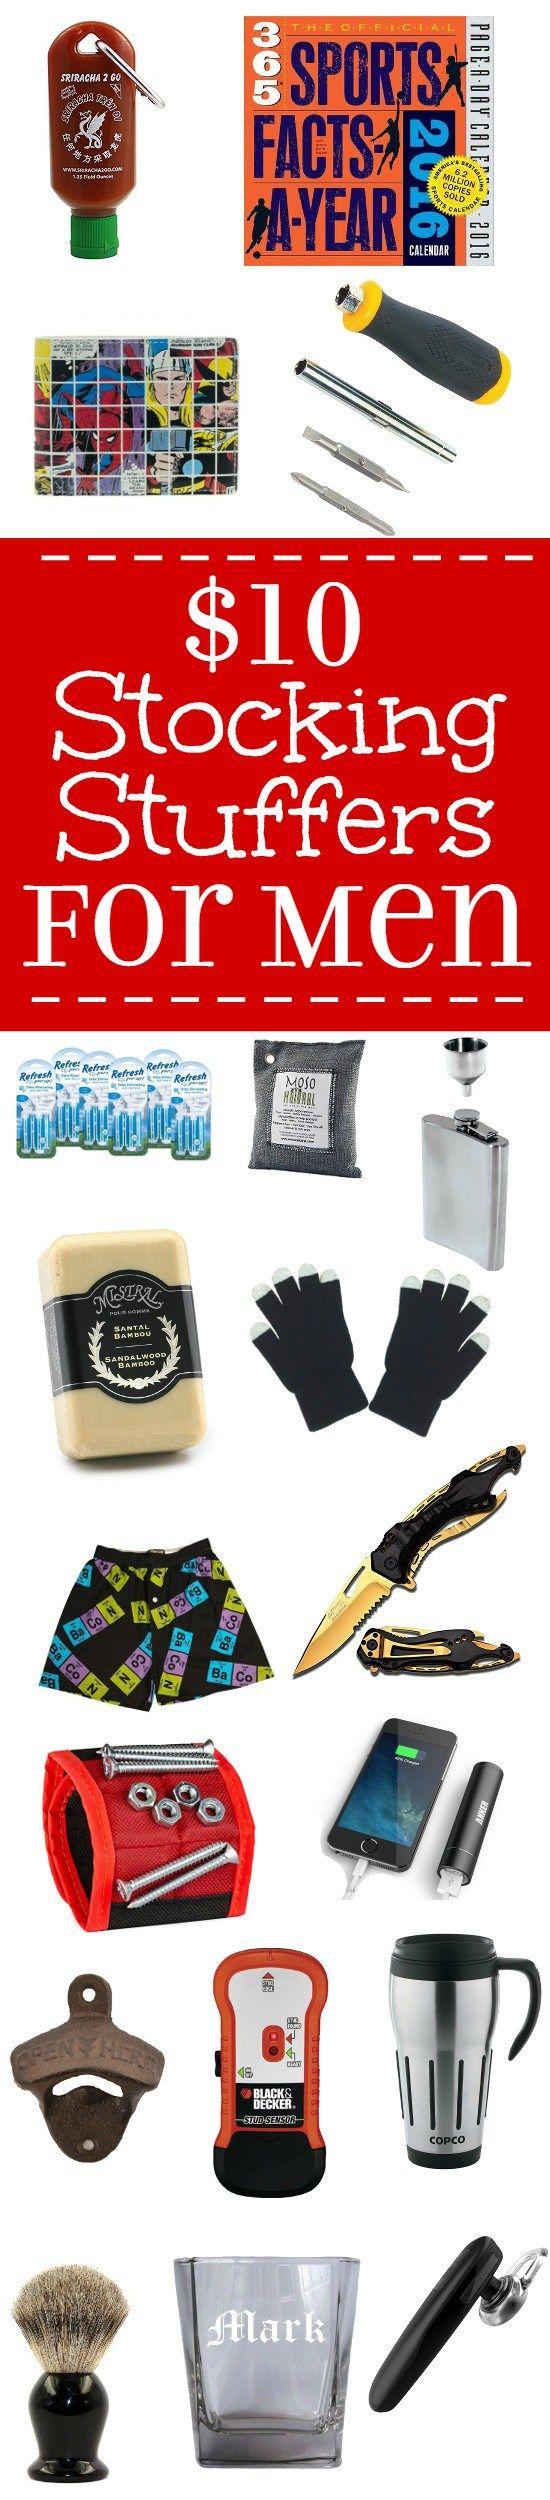 10 stocking stuffer ideas for men bottle bottle opener Stocking stuffer ideas 2016